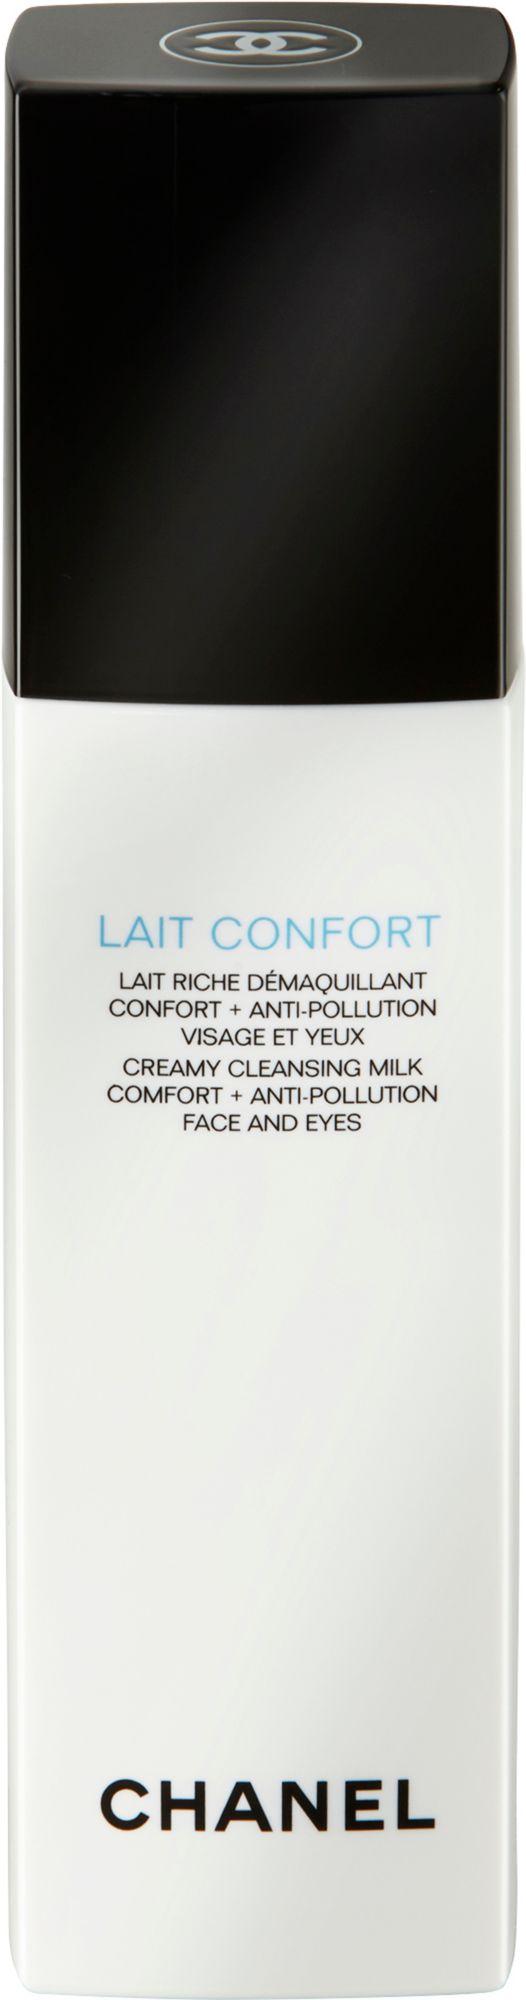 CHANEL Chanel, »Lait Confort«, Reinigungmilch